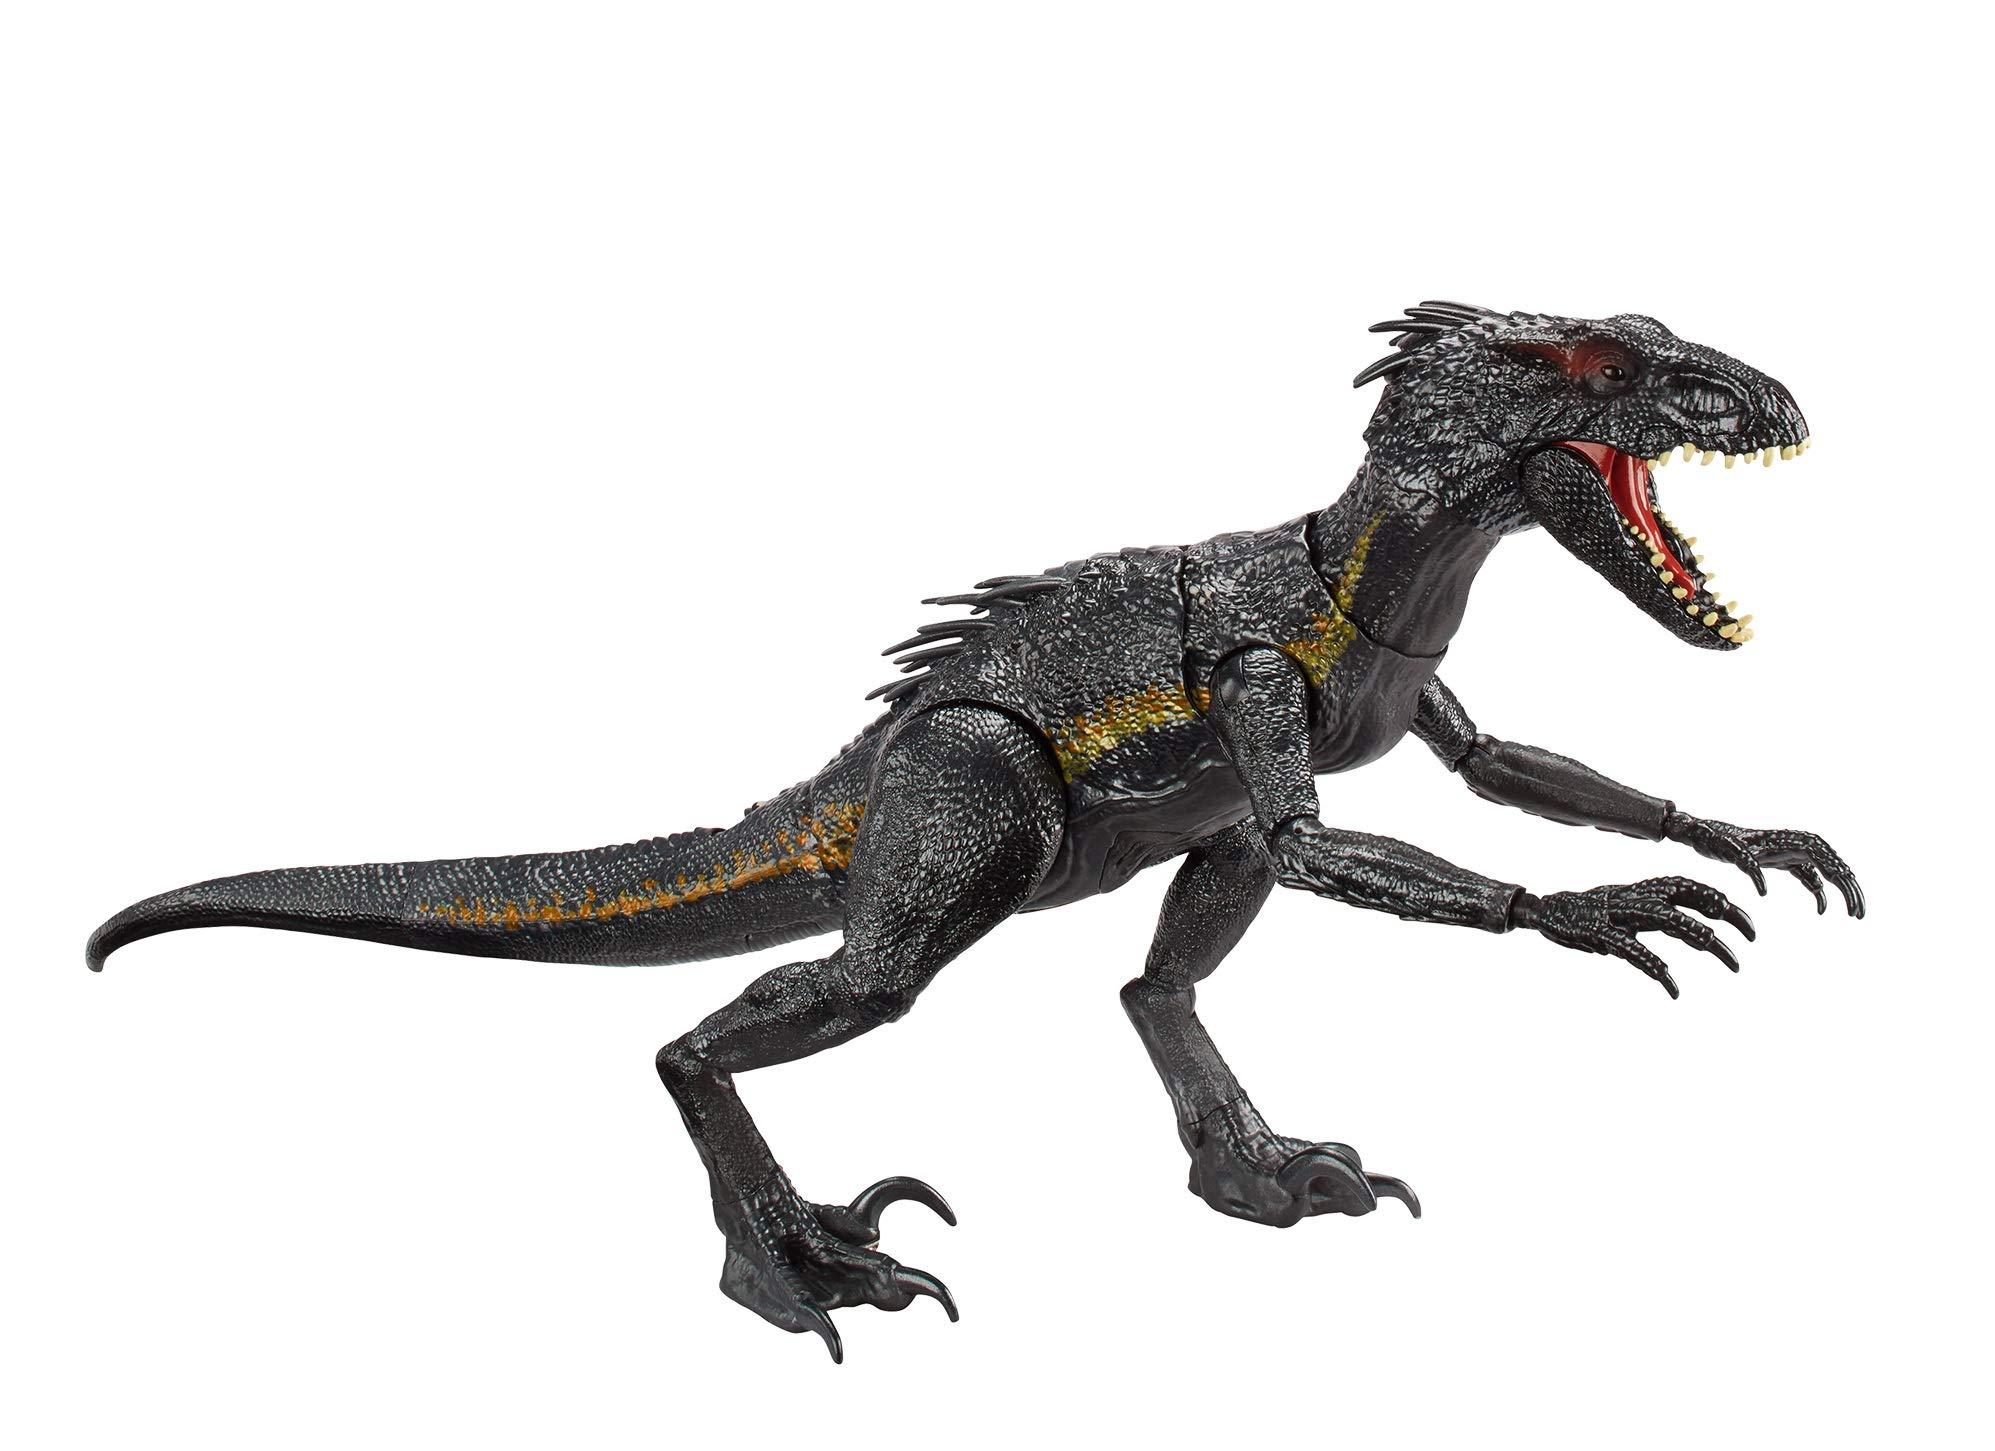 Jurassic World Dinosaurio De Juguete Indoraptor Luces Y Sonidos Mattel Fly53 Tienda Juguetes El Mayor Catalogo Online De Juguetes 89.99€ nº 69 en figuras de dinosaurios y criaturas prehistóricas de juguete. jurassic world dinosaurio de juguete indoraptor luces y sonidos mattel fly53